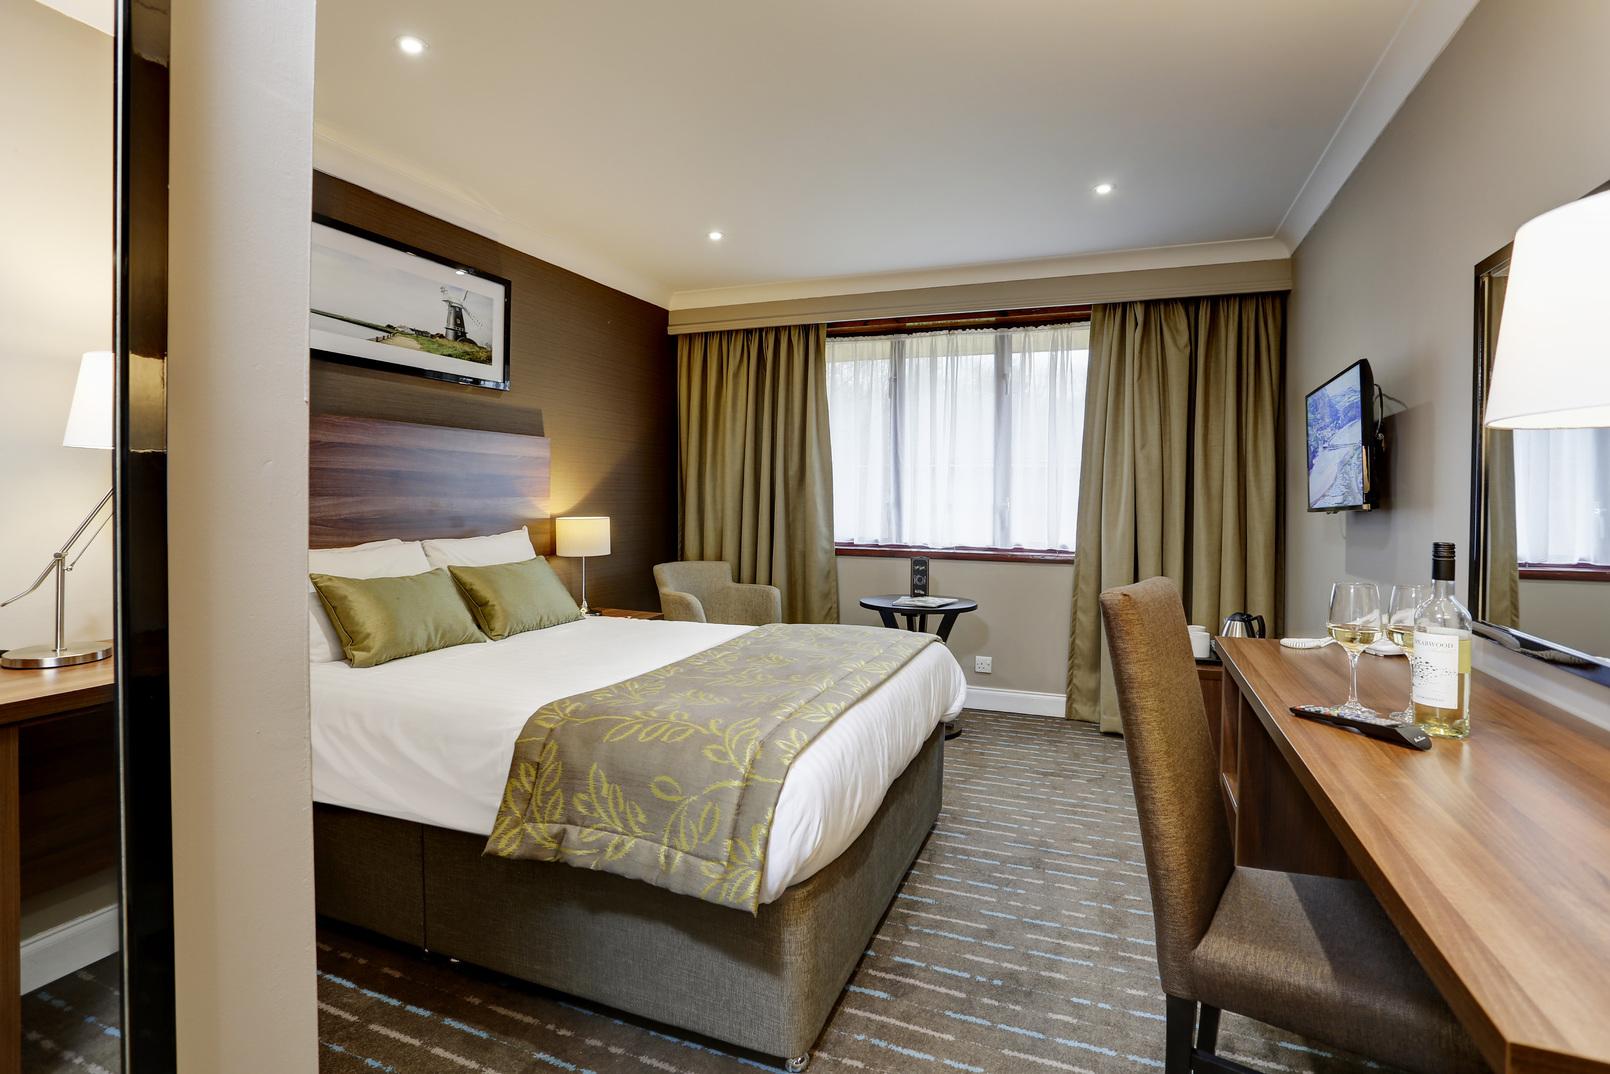 Best Western Hotel Brighton Uk